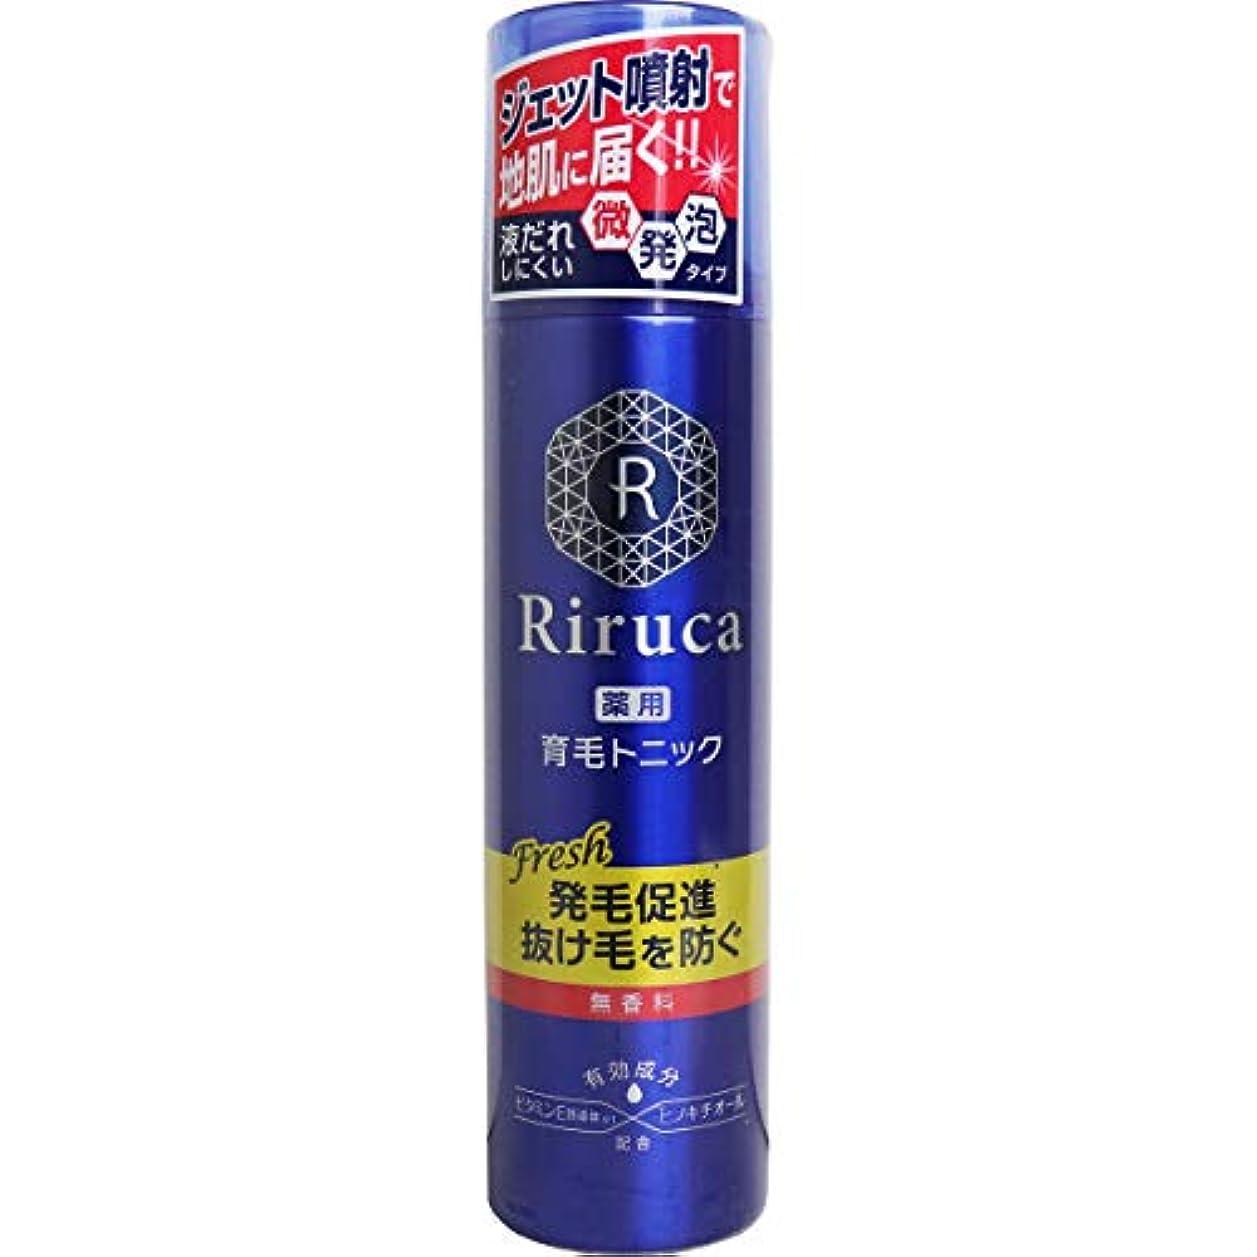 リルカ 薬用 育毛トニック 無香料 185g